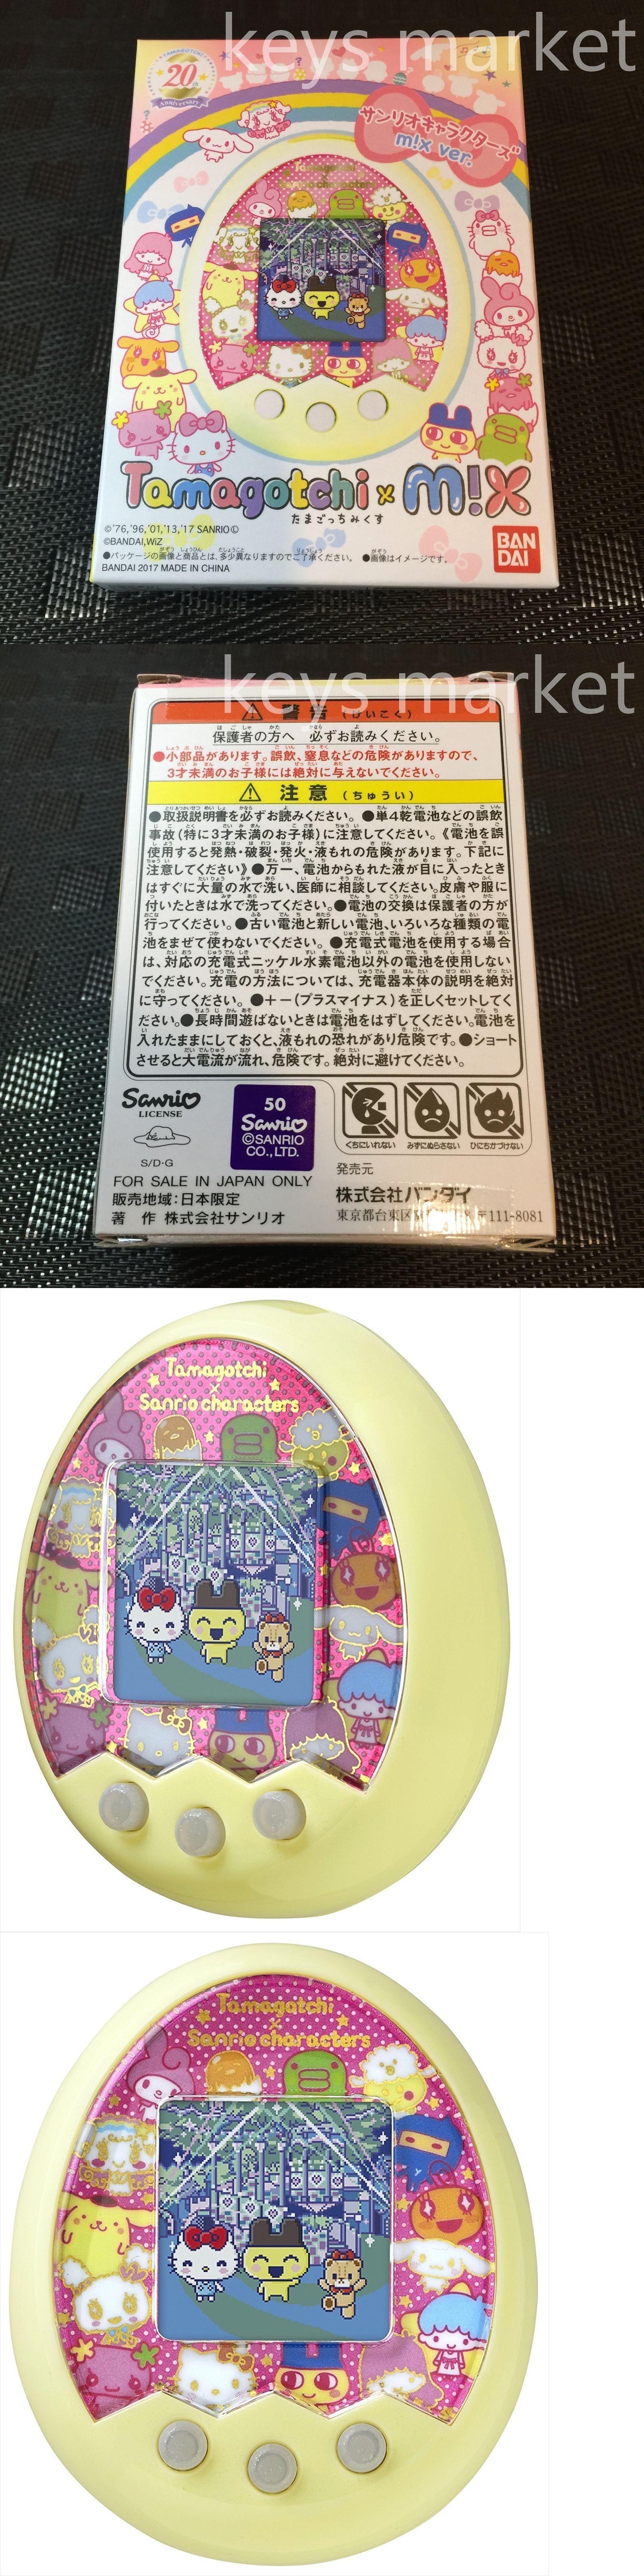 Tamagotchi 1084 Tamagotchi M X 20th Anniversary Sanrio Characters